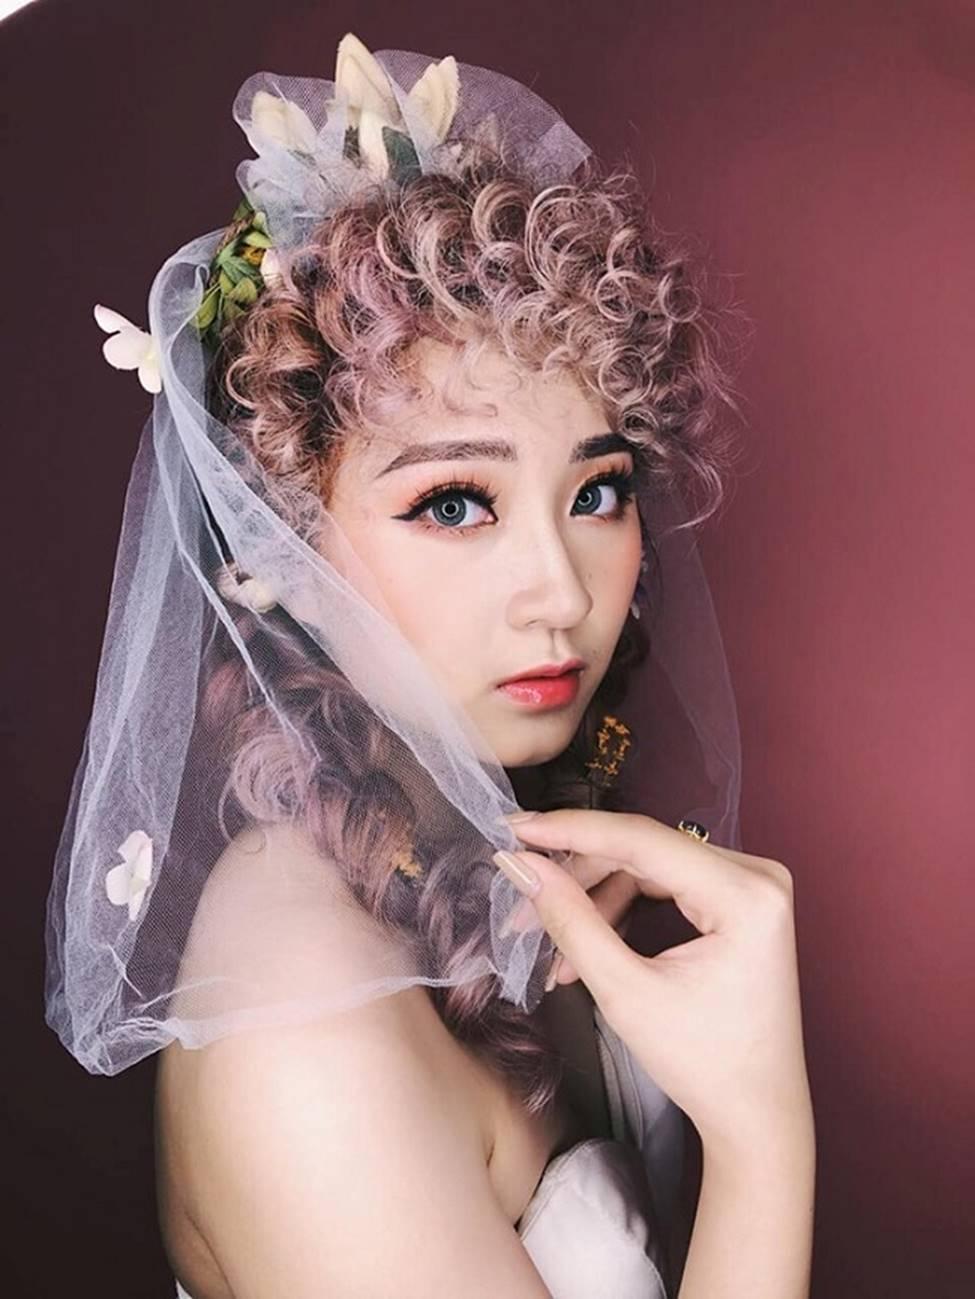 Nữ sinh 2000 đổ xô thi hoa hậu: Người đẹp Đà Nẵng giống Lưu Diệc Phi gây chú ý-14